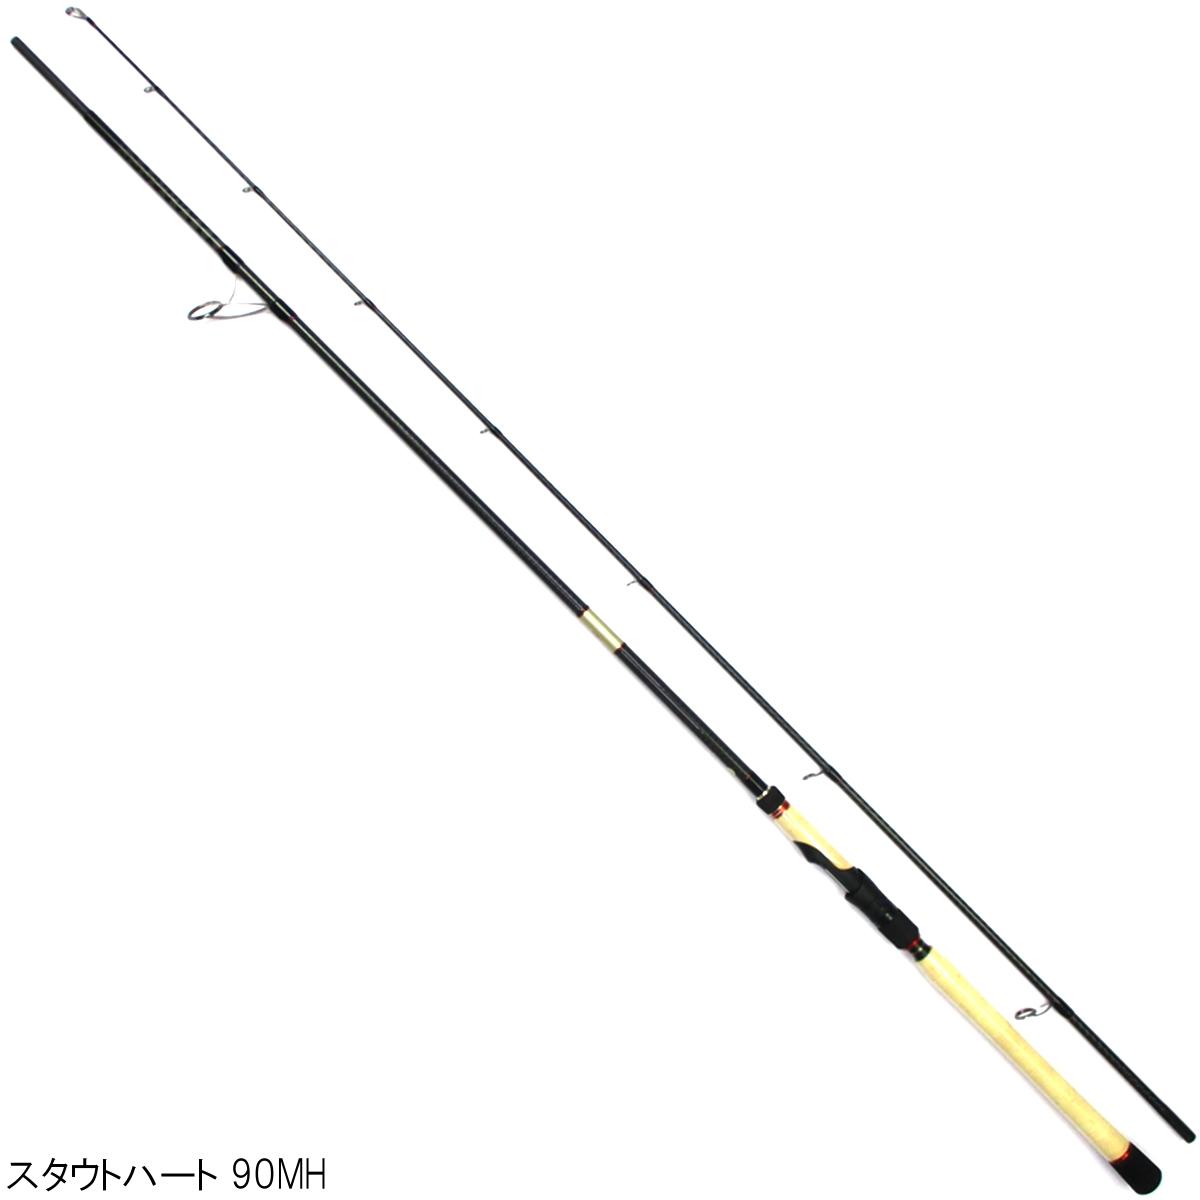 アピア Foojin'AD スタウトハート 90MH【大型商品】【送料無料】